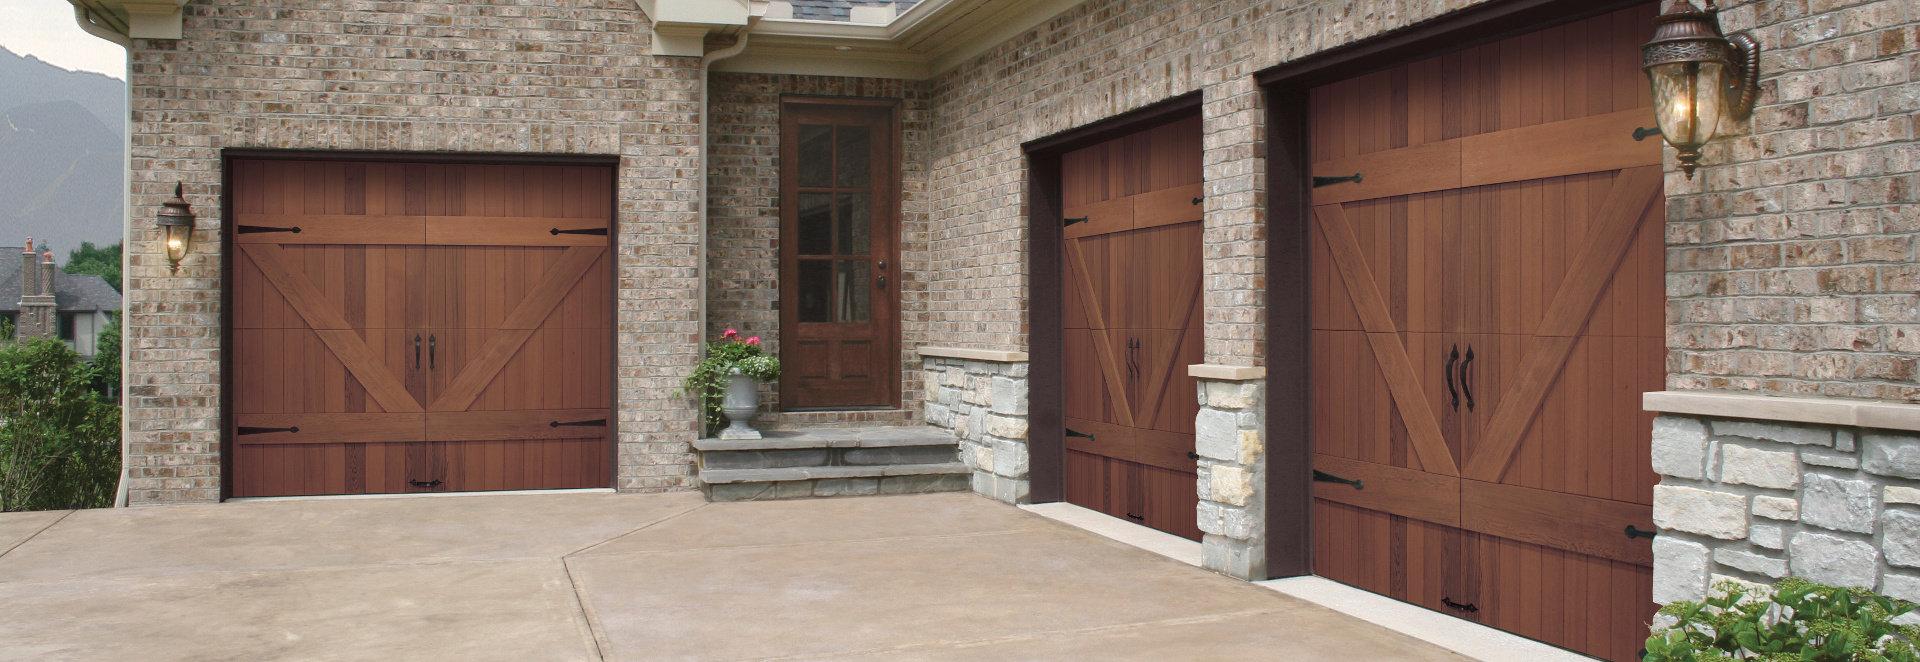 911 Garage Door Repair Garage Doors Experts